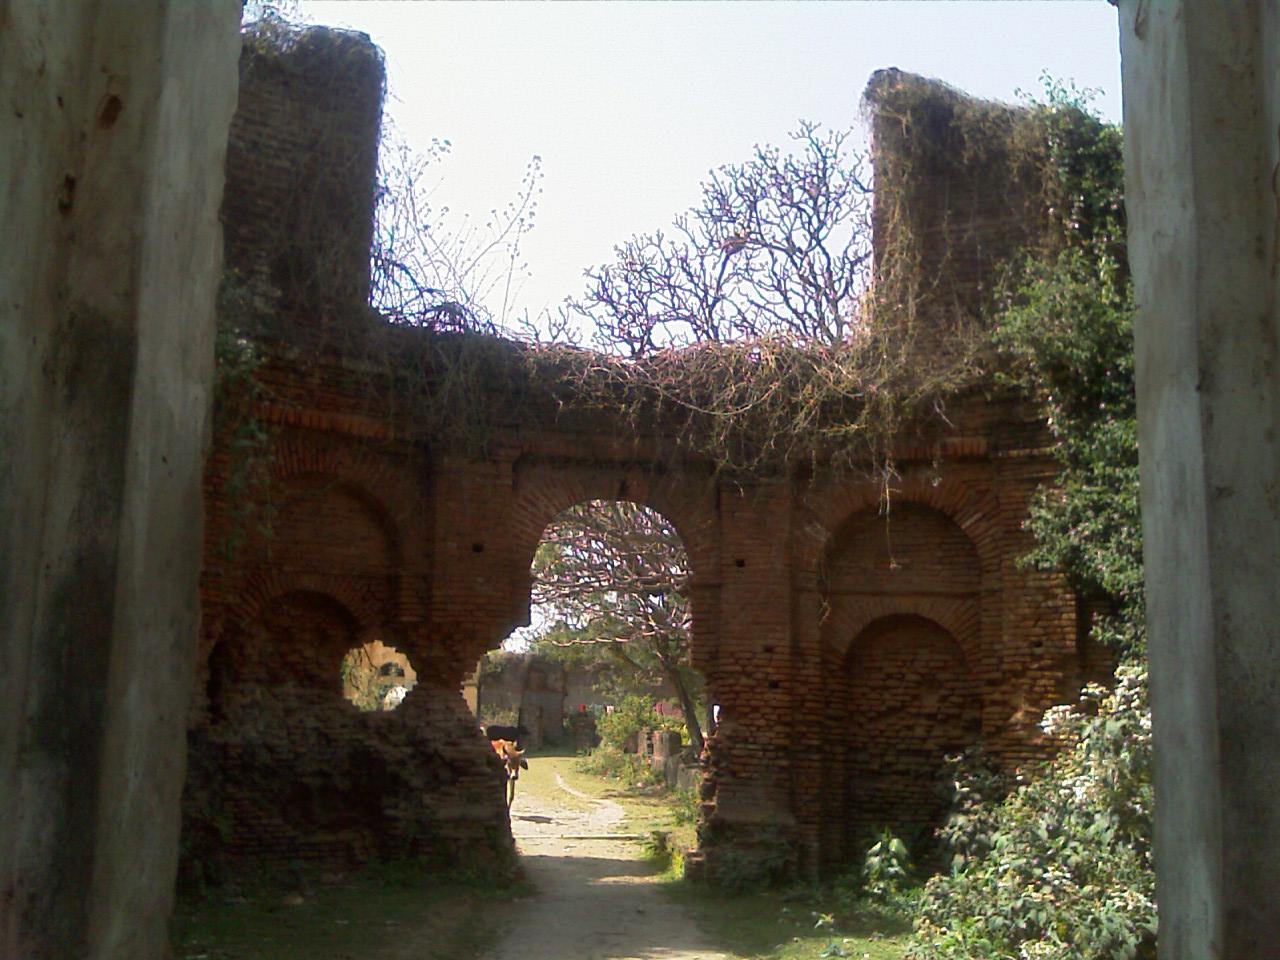 Baruipur Picnic Spot